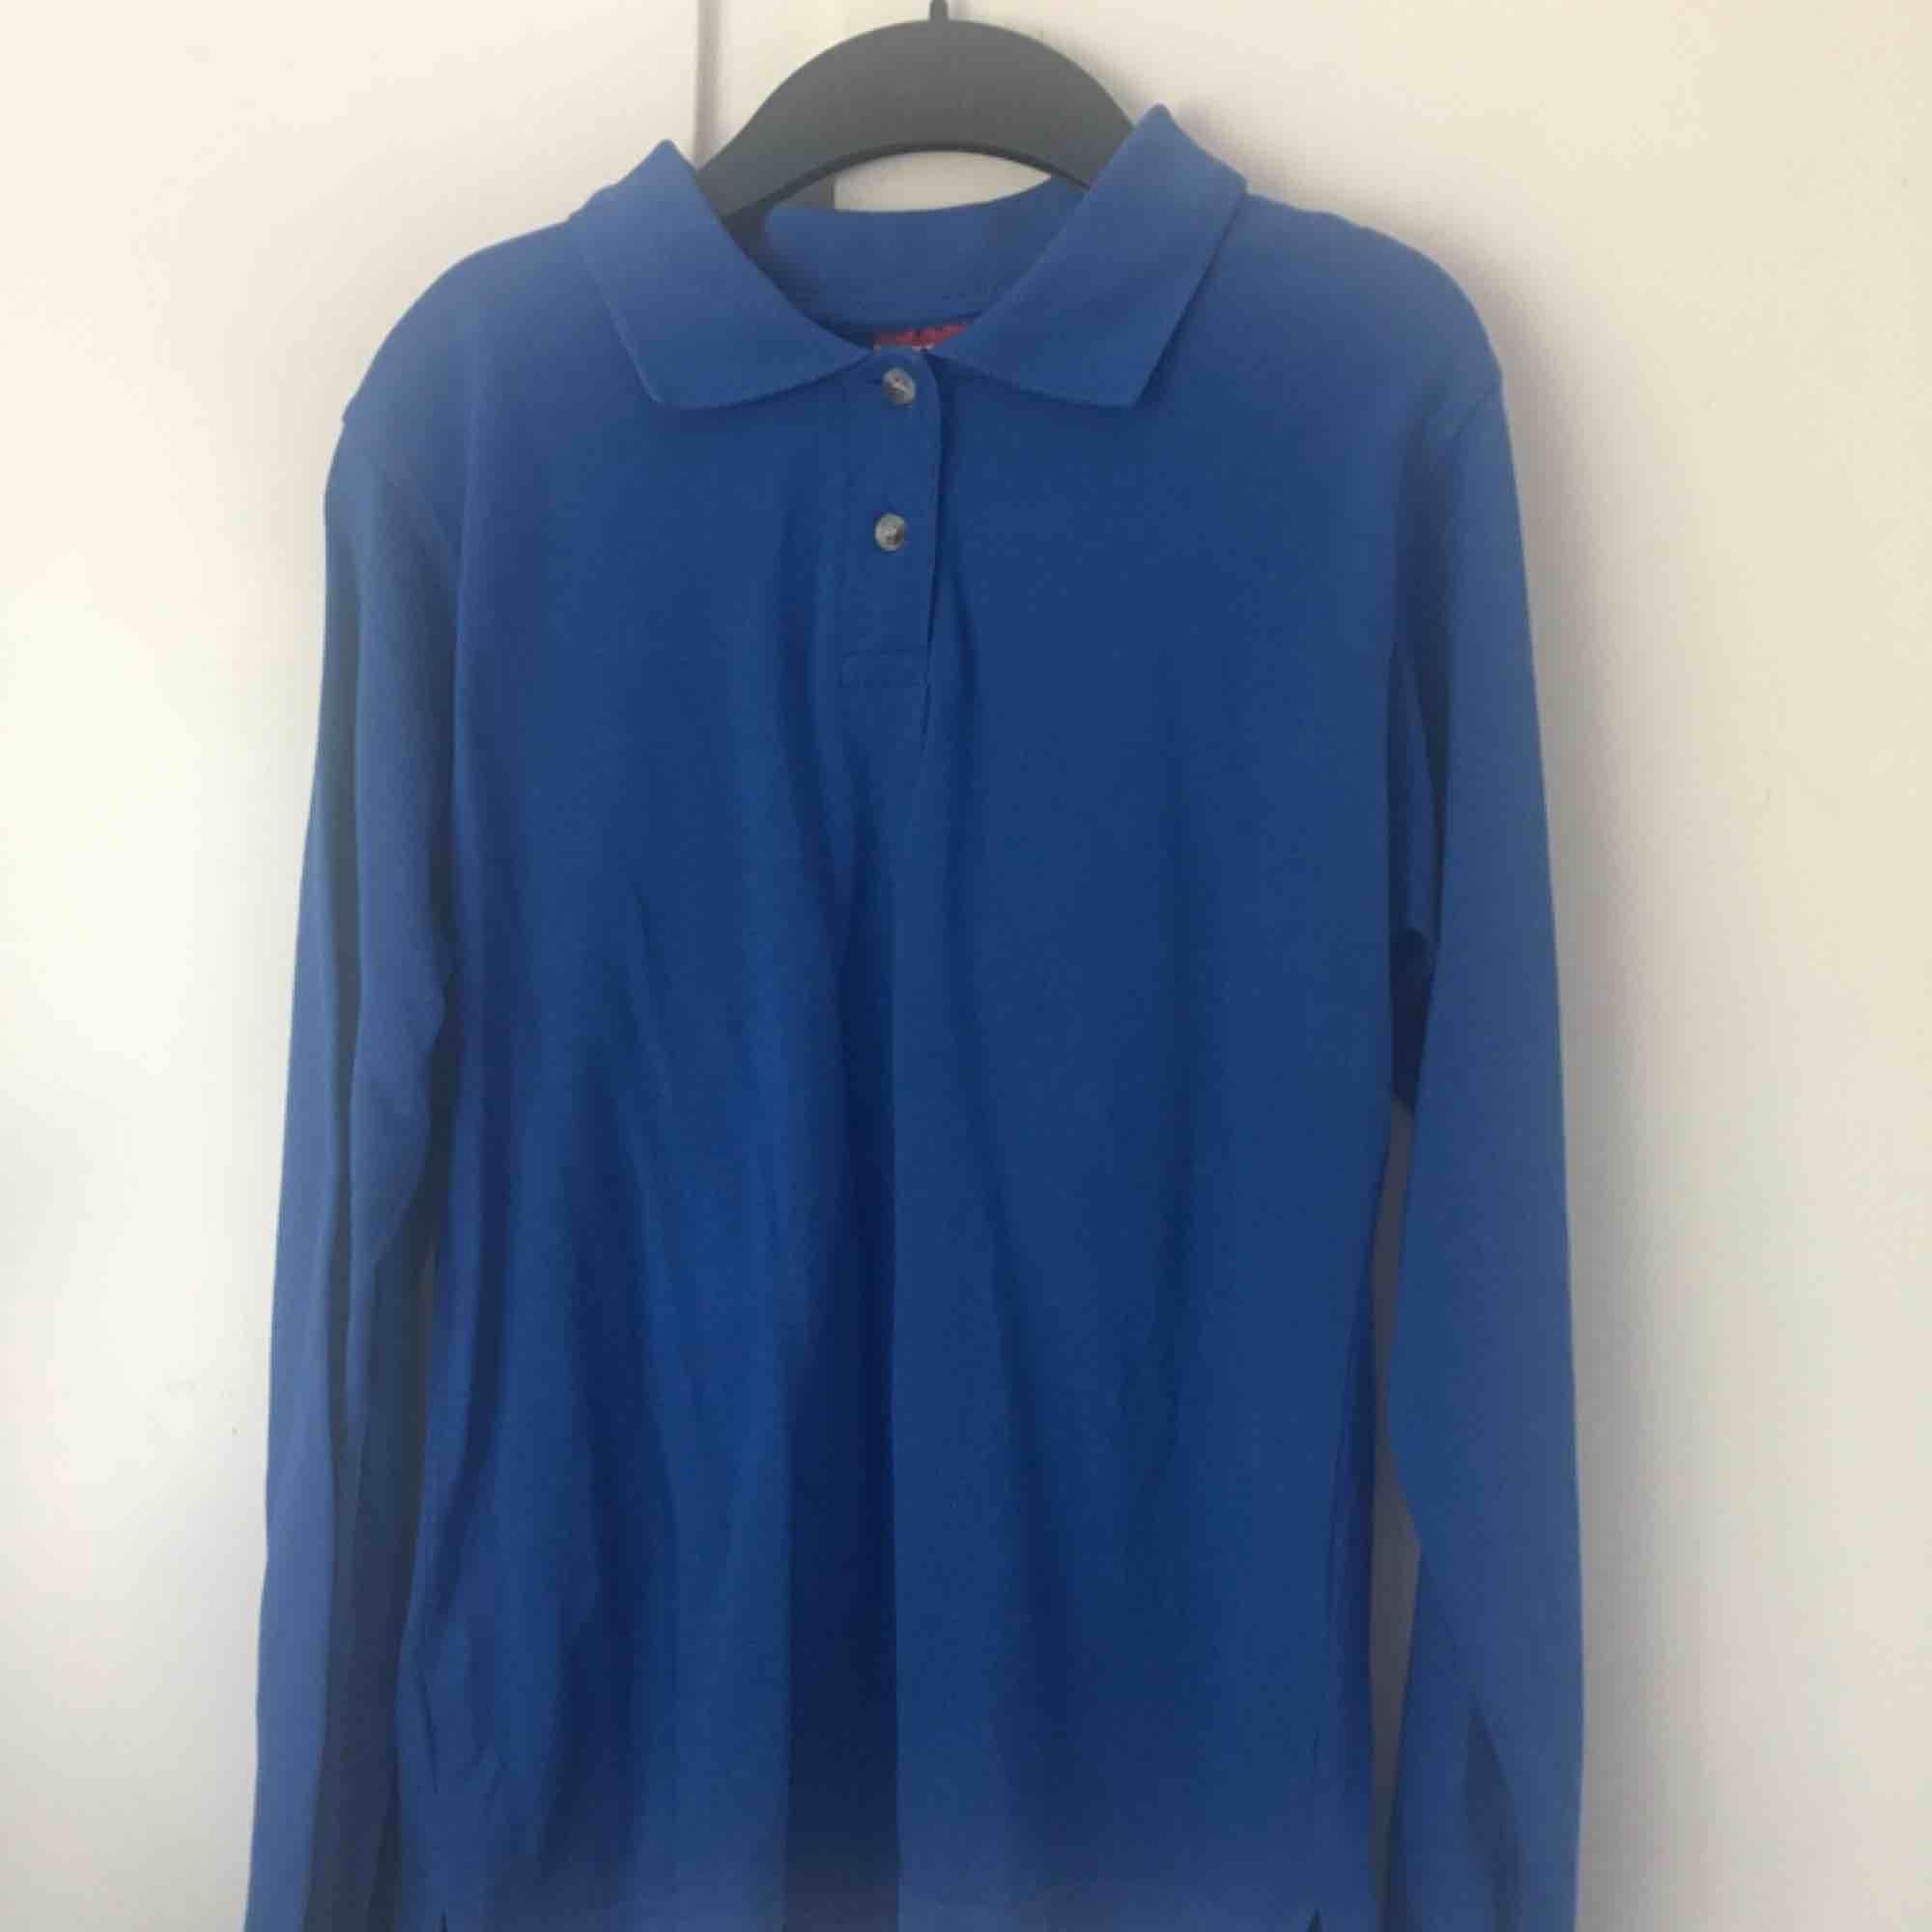 Blå långärmad piké tröja i strl M men funkar för en S också. Använd max 3 ggr. Bra skick. Den kostar 60kr+frakt. Annars möts jag upp i Växjö.  . Toppar.